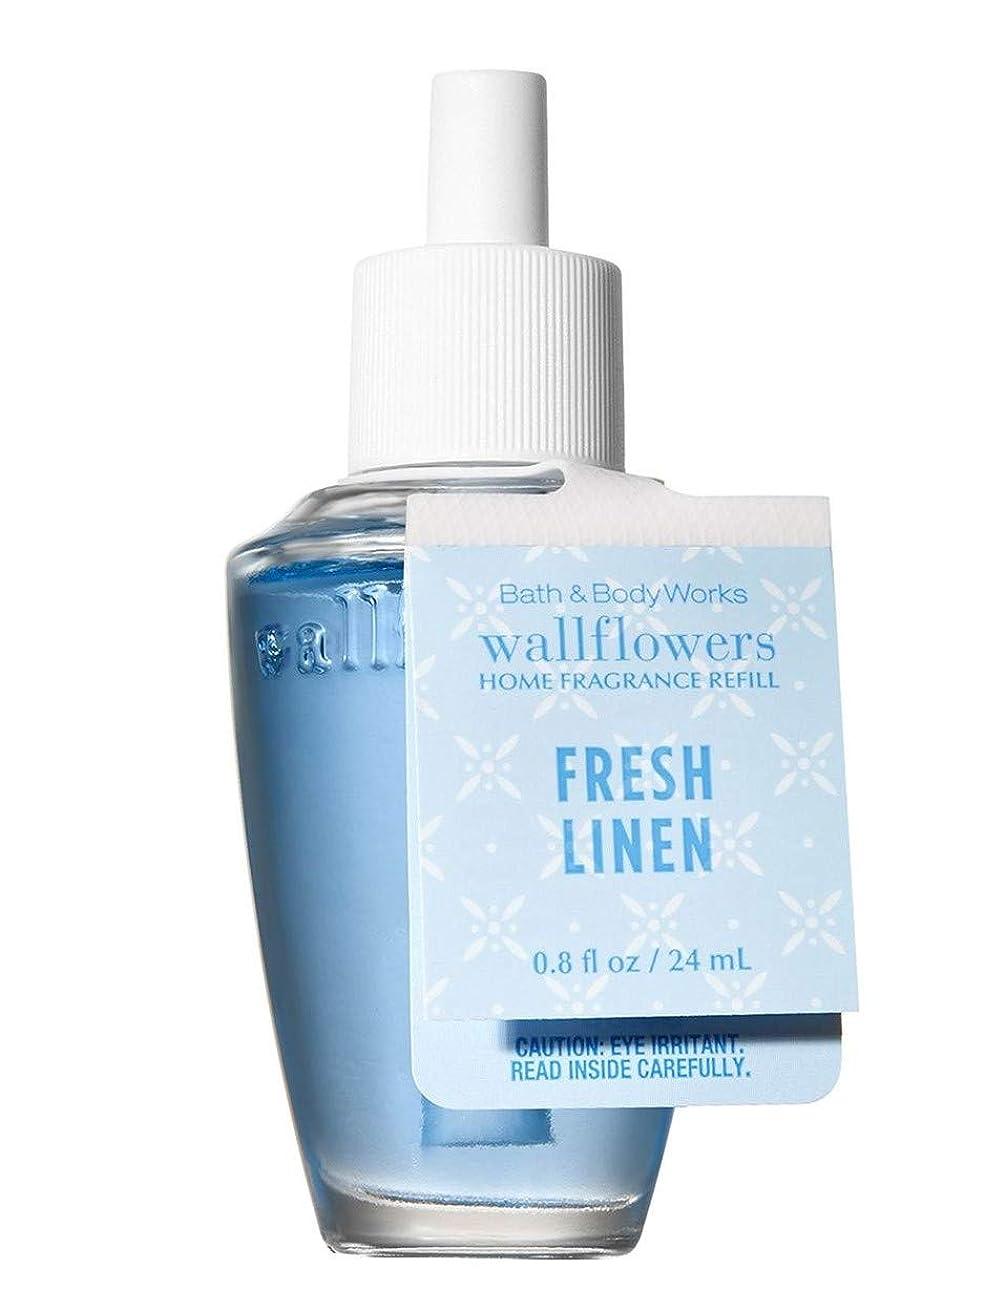 性差別分類未満【Bath&Body Works/バス&ボディワークス】 ルームフレグランス 詰替えリフィル フレッシュリネン Wallflowers Home Fragrance Refill Fresh linen [並行輸入品]